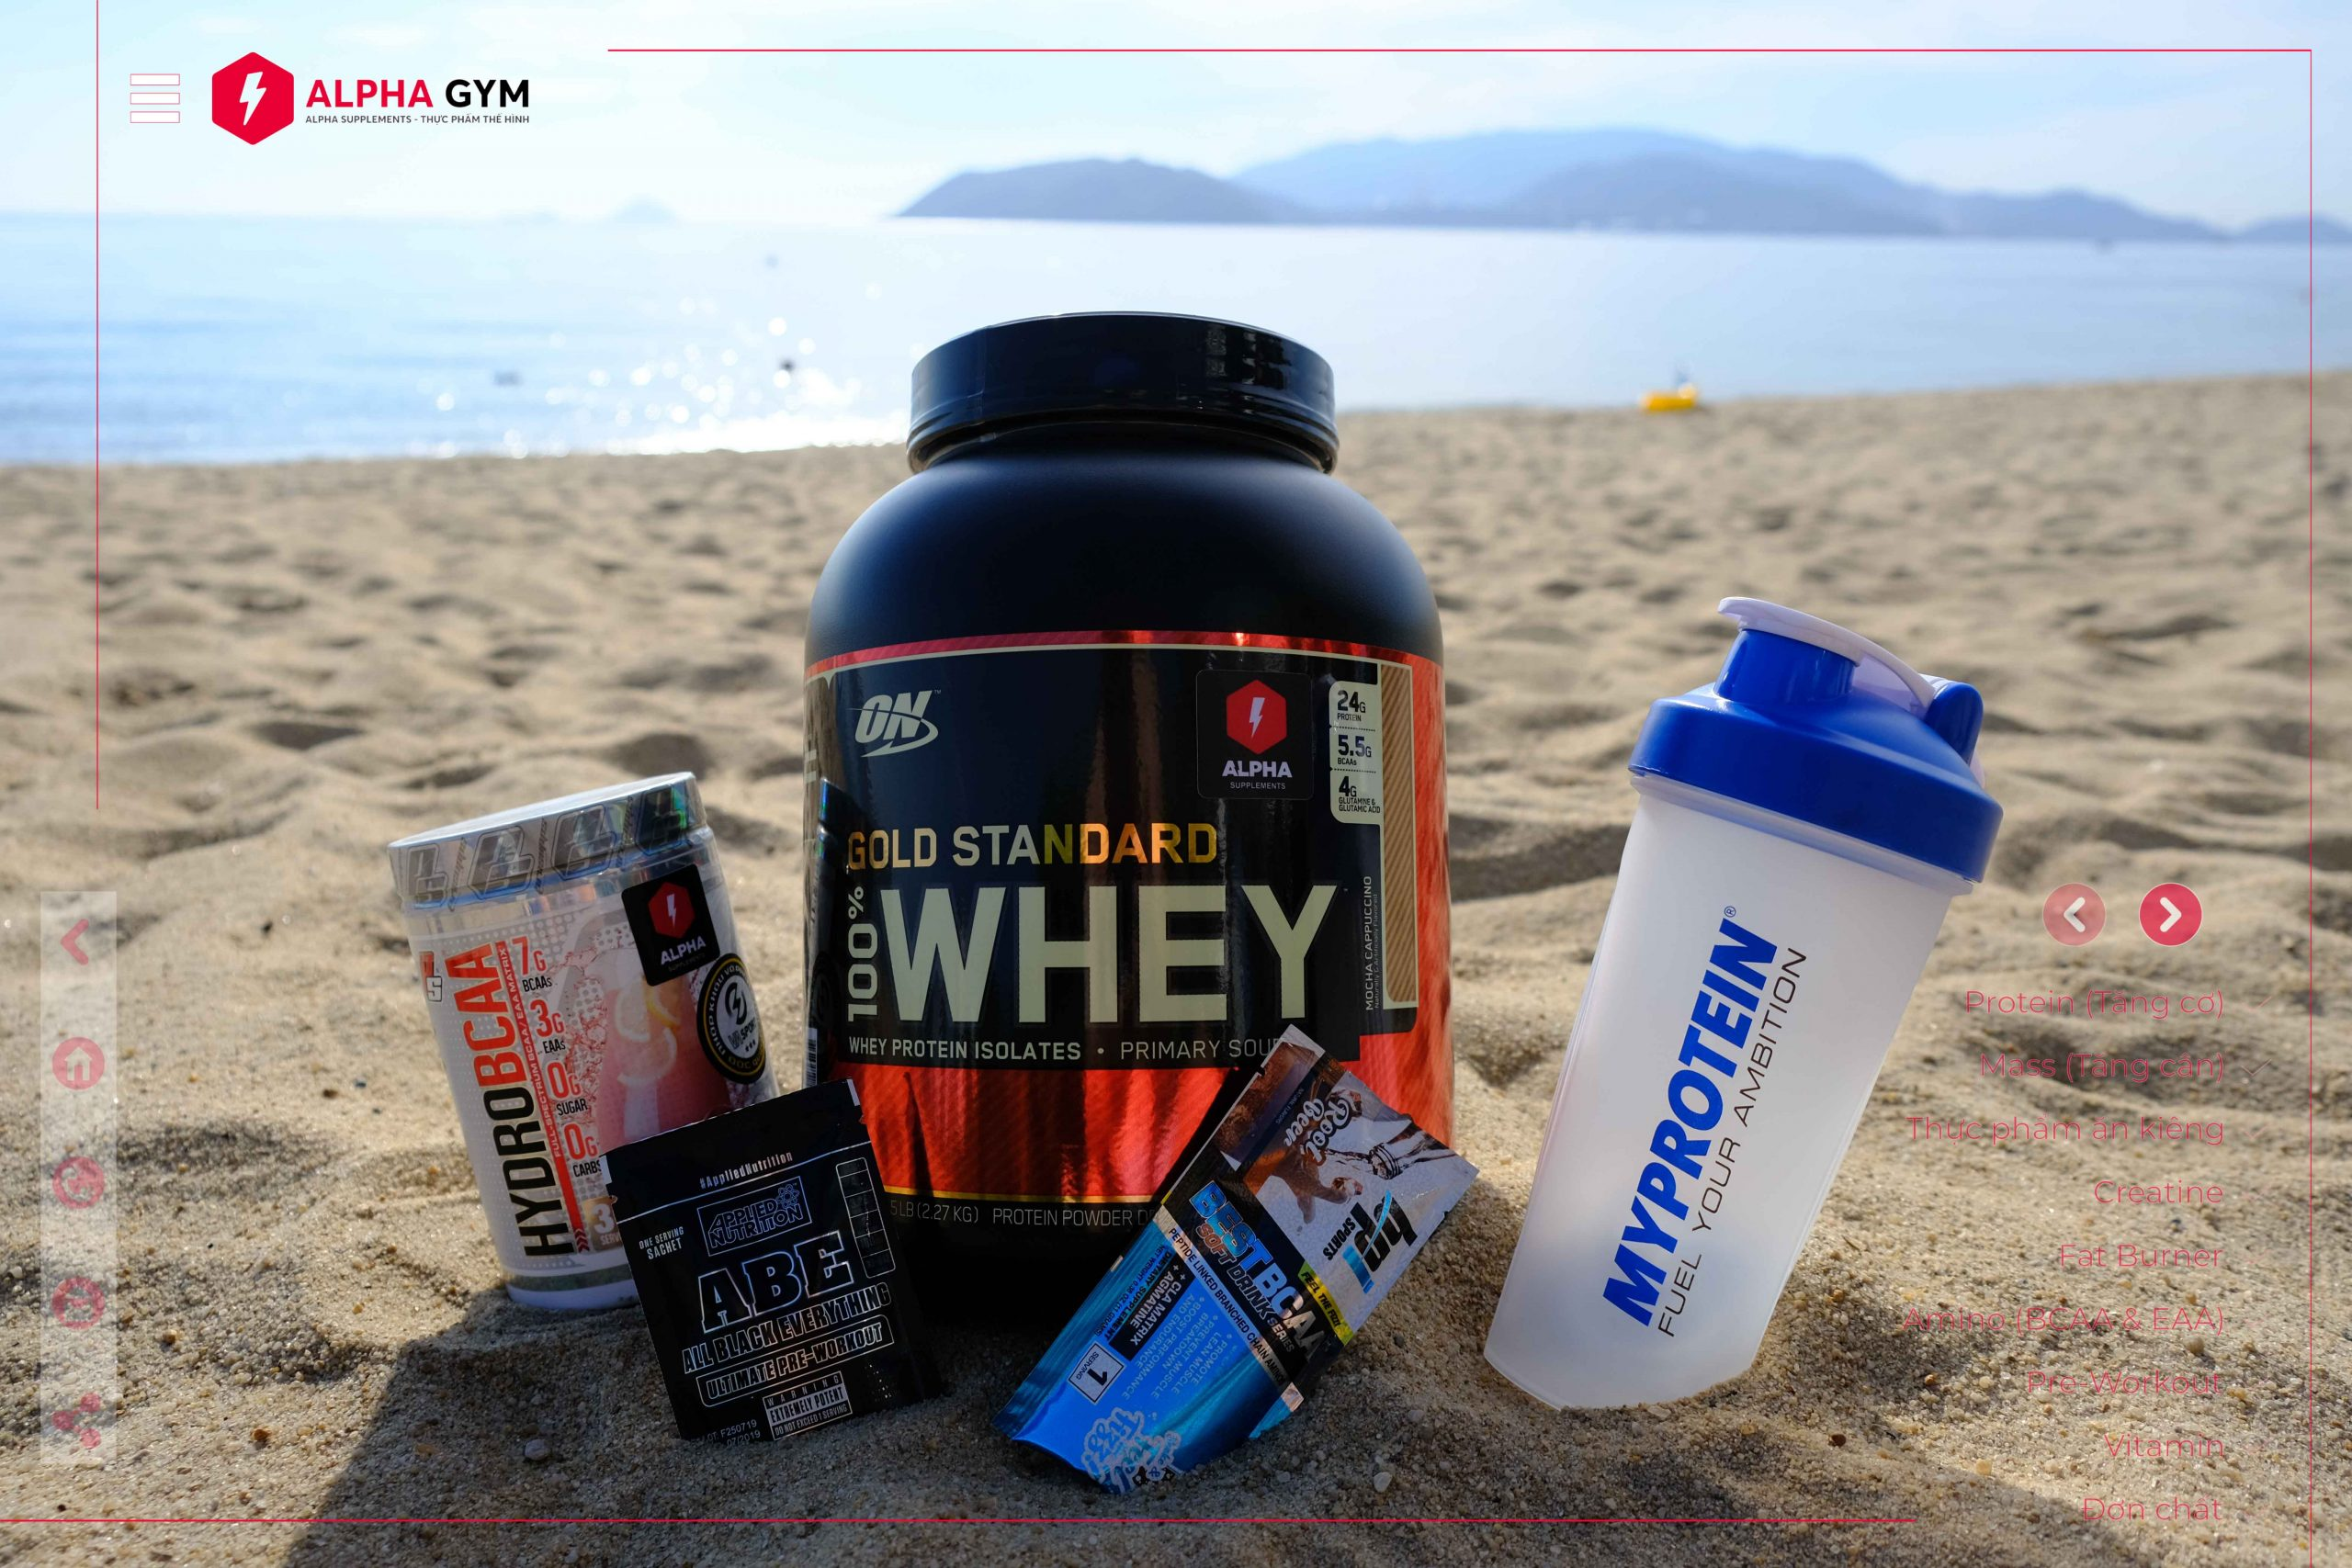 ON Gold Standard 100% Whey Protein, 5 Lbs (68 Servings) - Thực phẩm thể hình Nha Trang